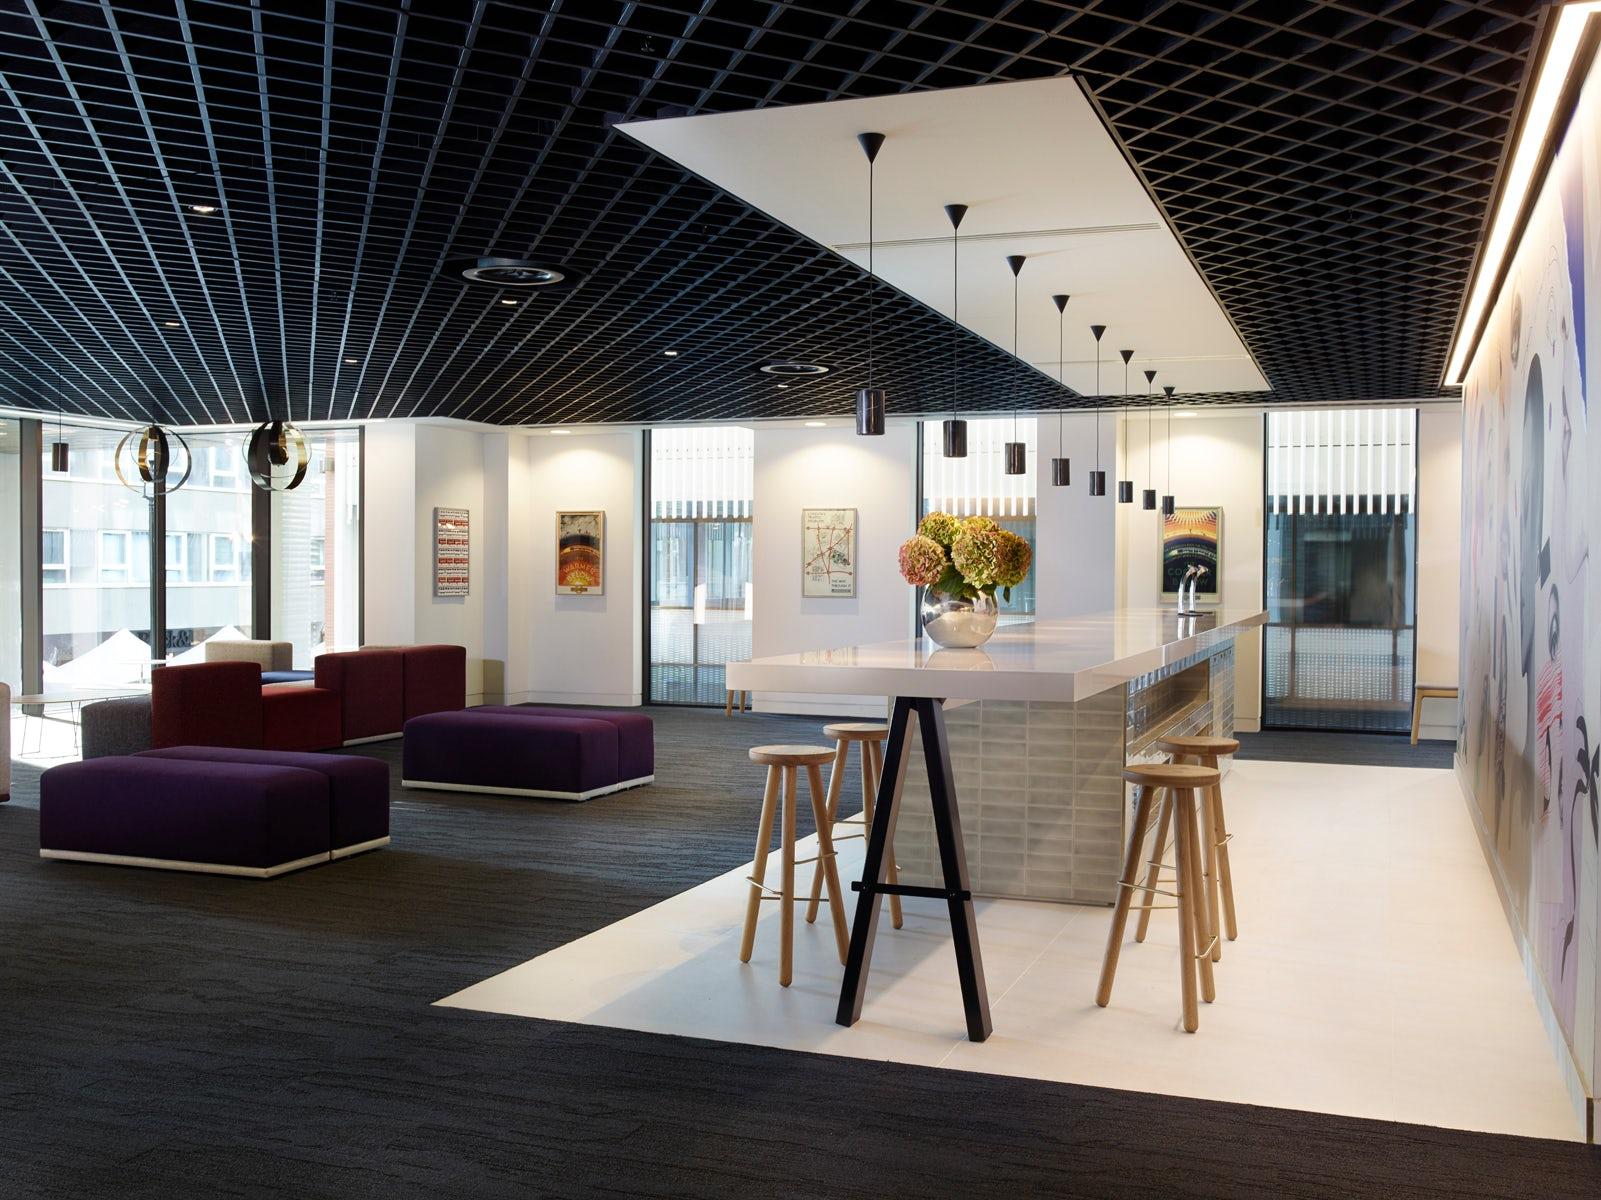 Charmant Estée Lauder Companies: A Home For Creative Talent